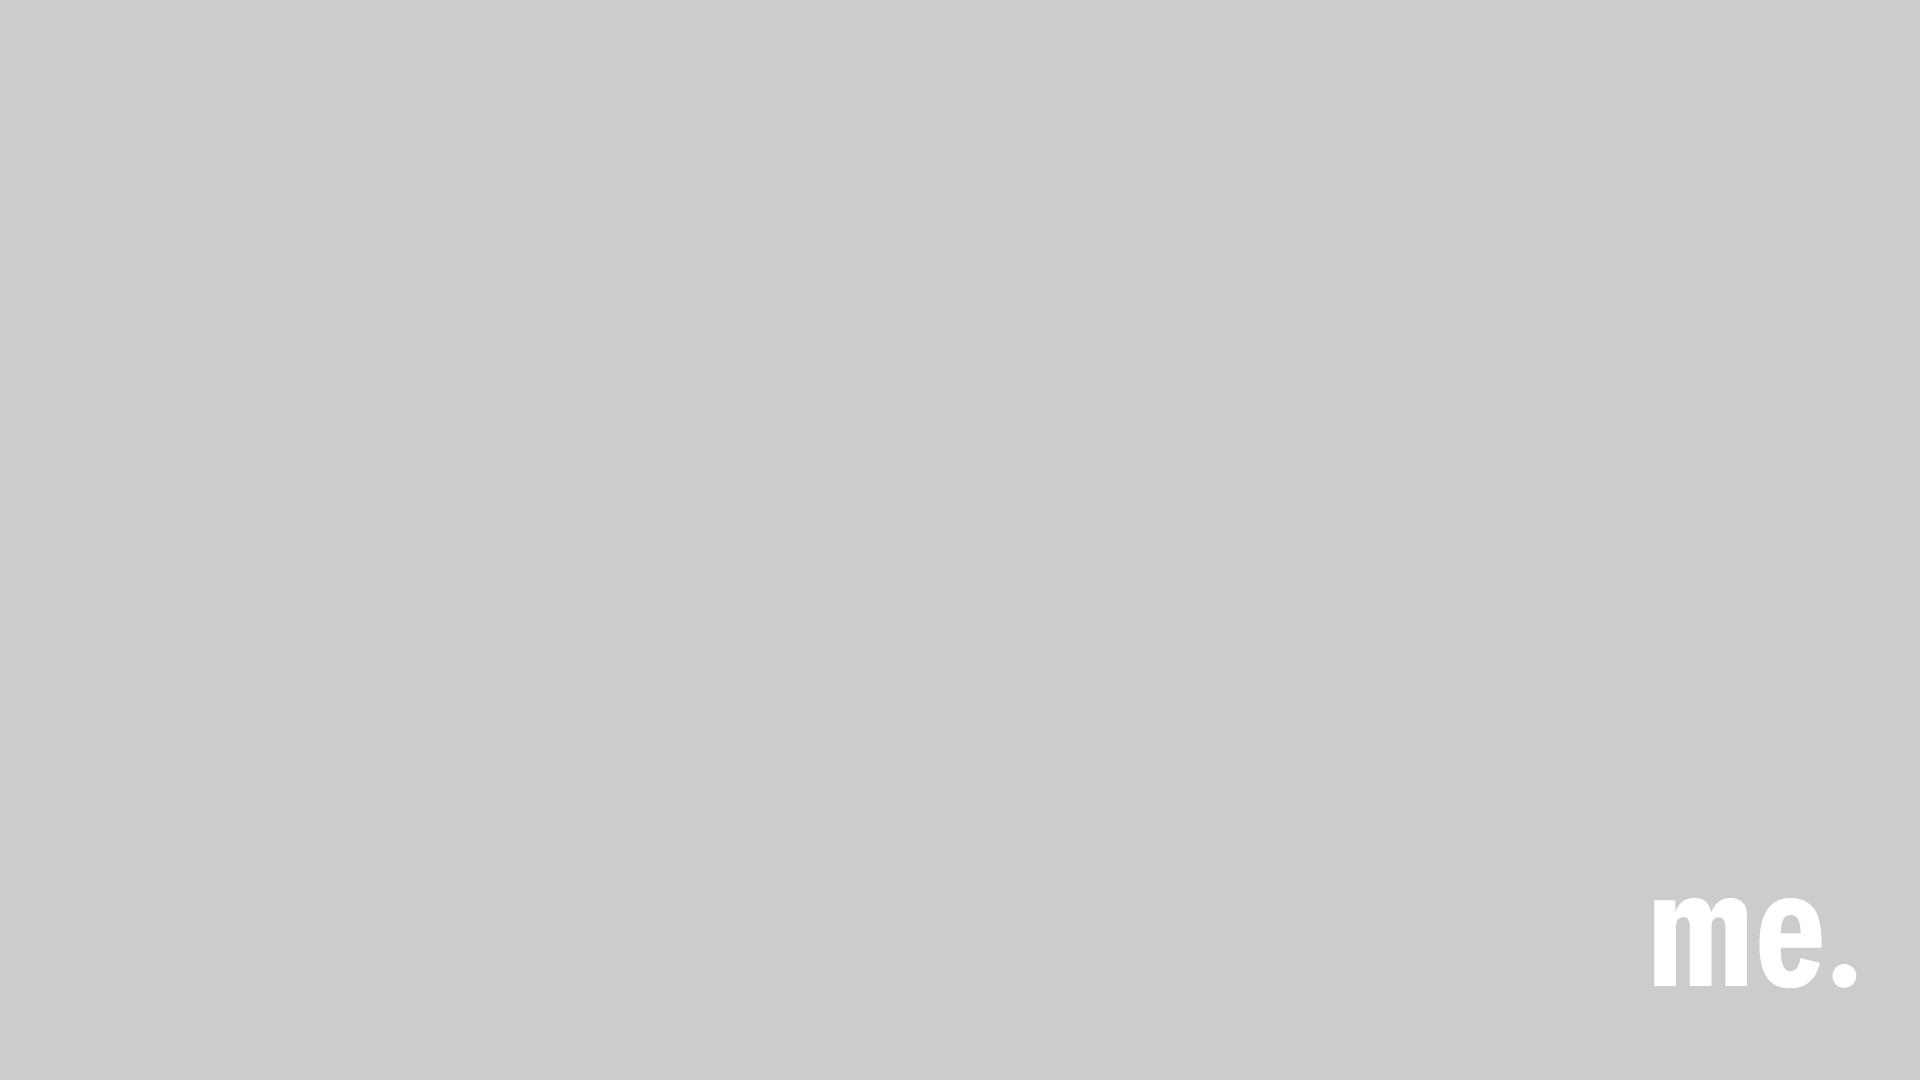 Goldfrapp - TALES OF US heißt das neue Goldfrapp-Album. Wir sind schon jetzt sehr gespannt, was es da so zu erzählen gibt.